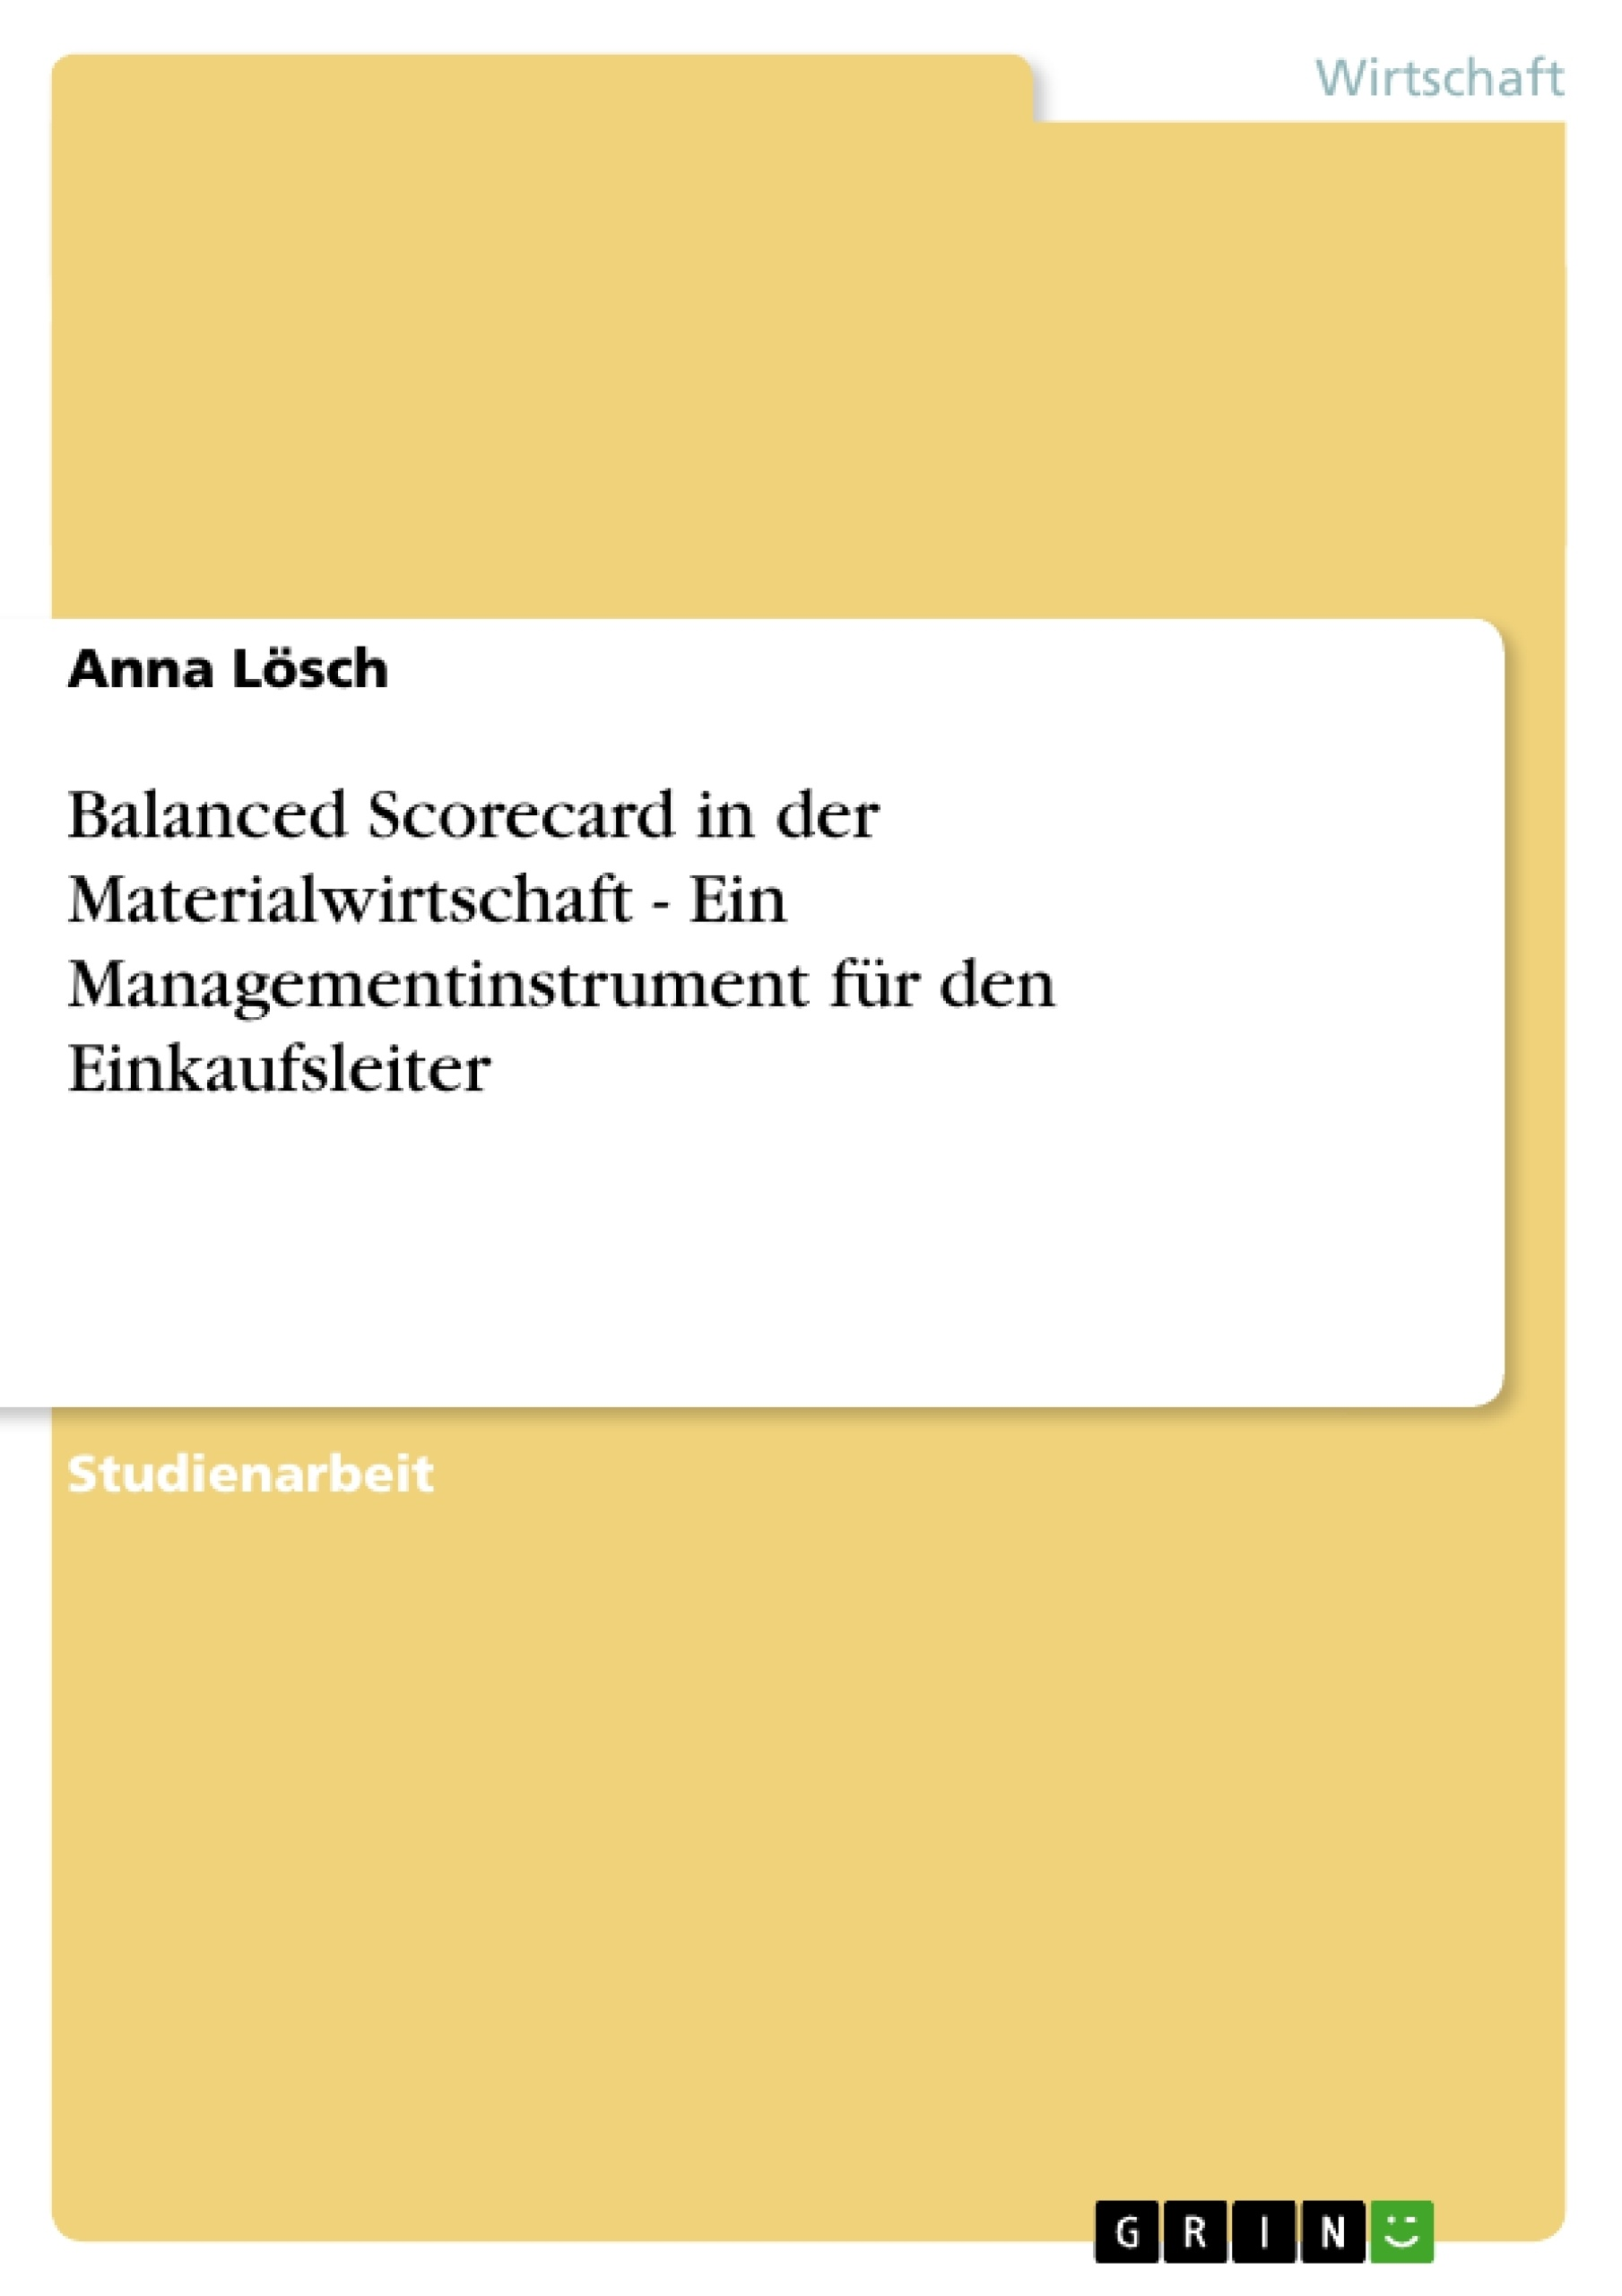 Titel: Balanced Scorecard in der Materialwirtschaft - Ein Managementinstrument für den Einkaufsleiter